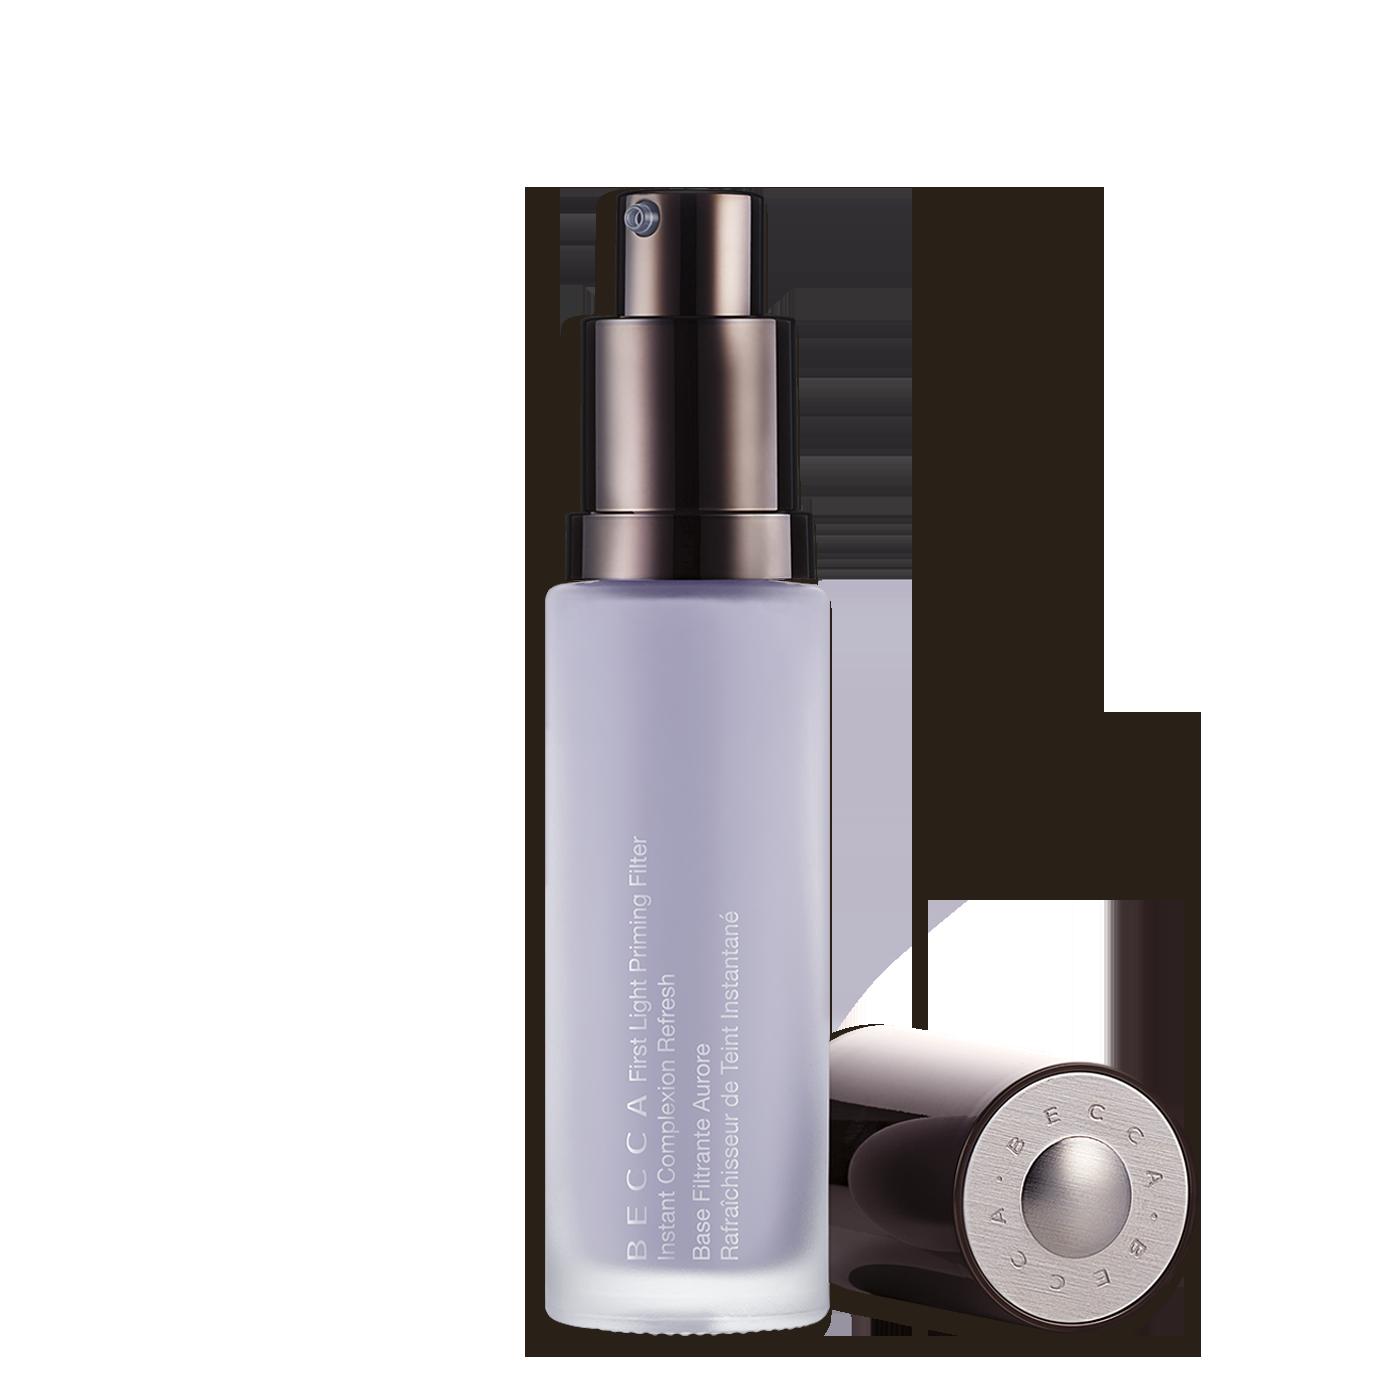 Photo Filter Makeup Primer To Brighten Skin Becca Cosmetics Becca Cosmetics Best Makeup Products Best Makeup Primer